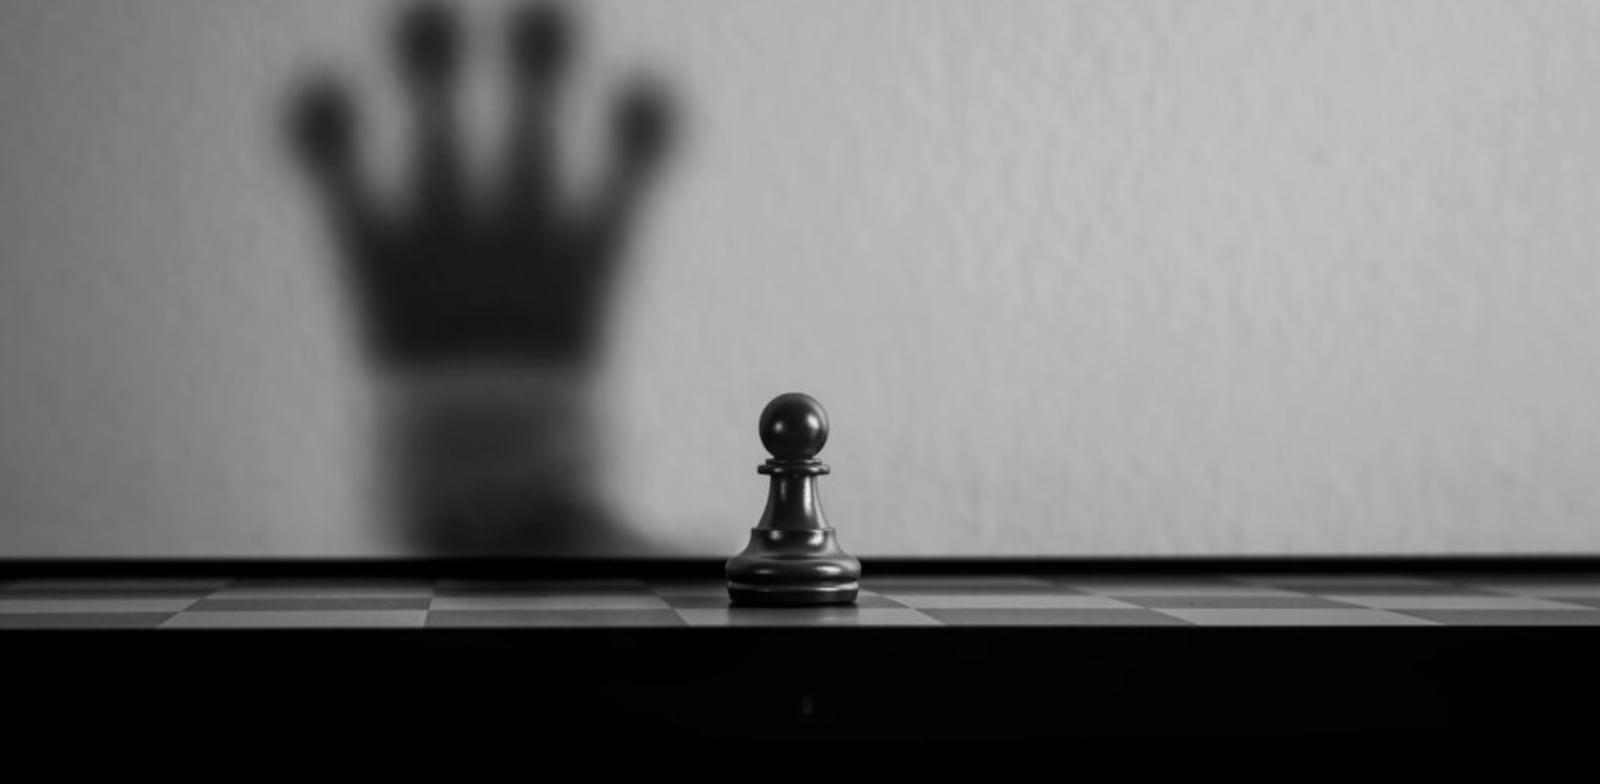 מודיעין עסקי, לעיתים חברות נדרשות למהלכים אקטיביים / צילום: באדיבות  ITI חקירות וייעוץ אסטרטגי